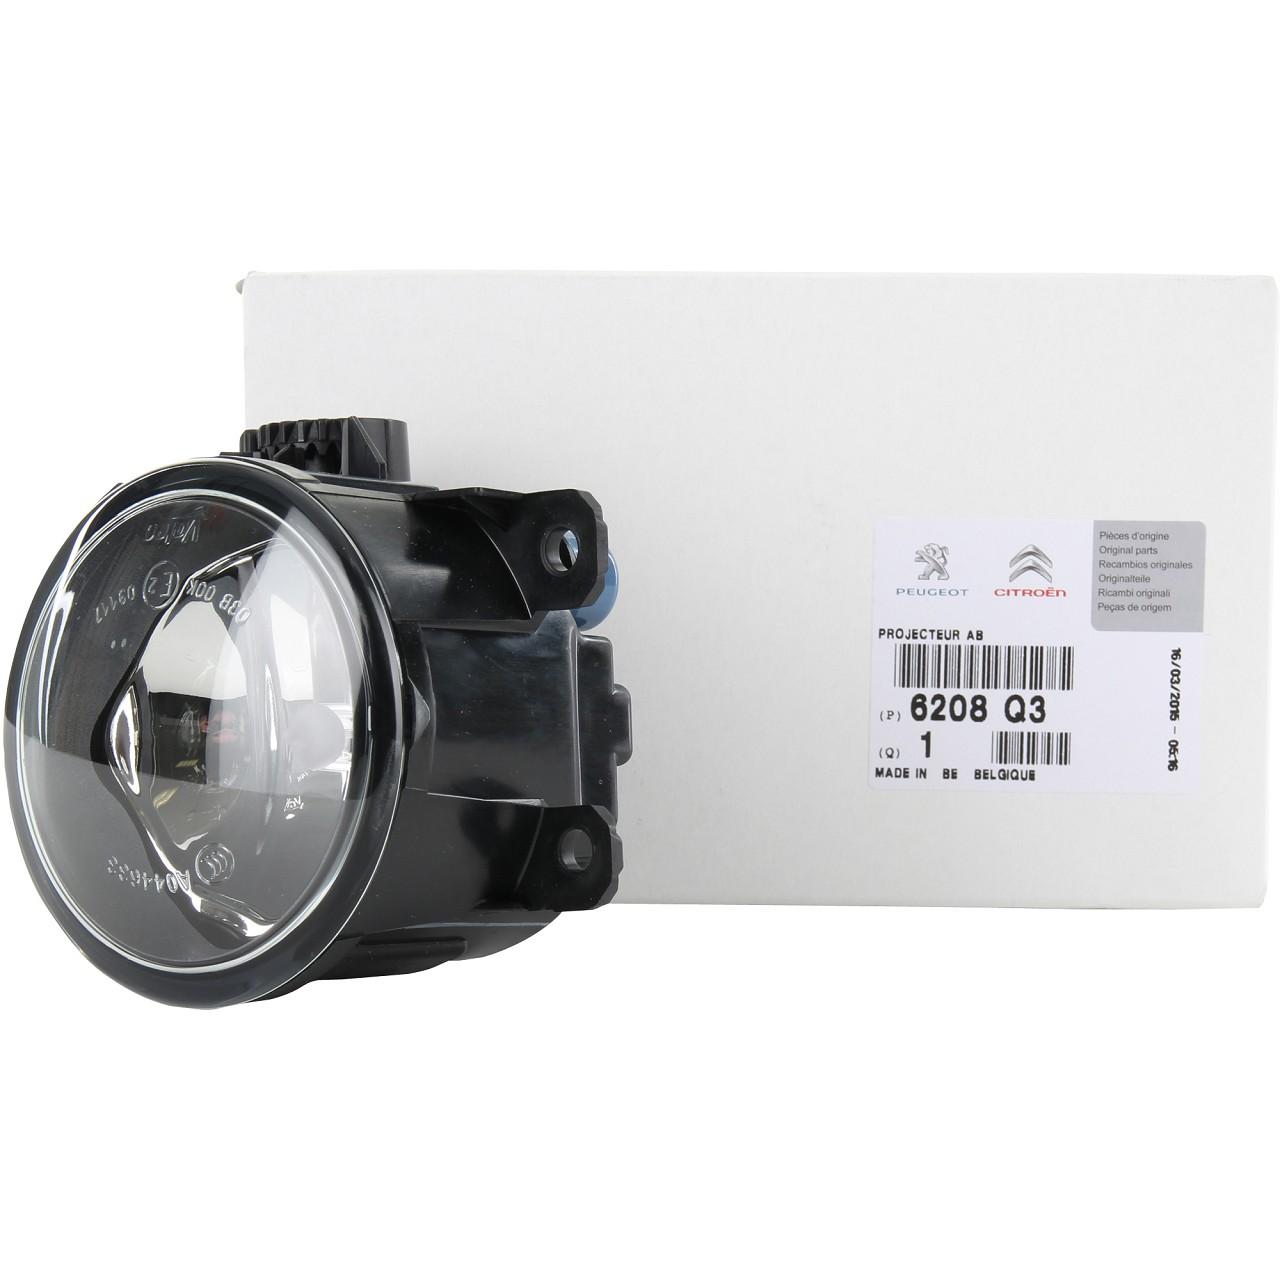 ORIGINAL Citroen Peugeot Nebelscheinwerfer Nebelleuchte Nebellicht H11 6208.Q3